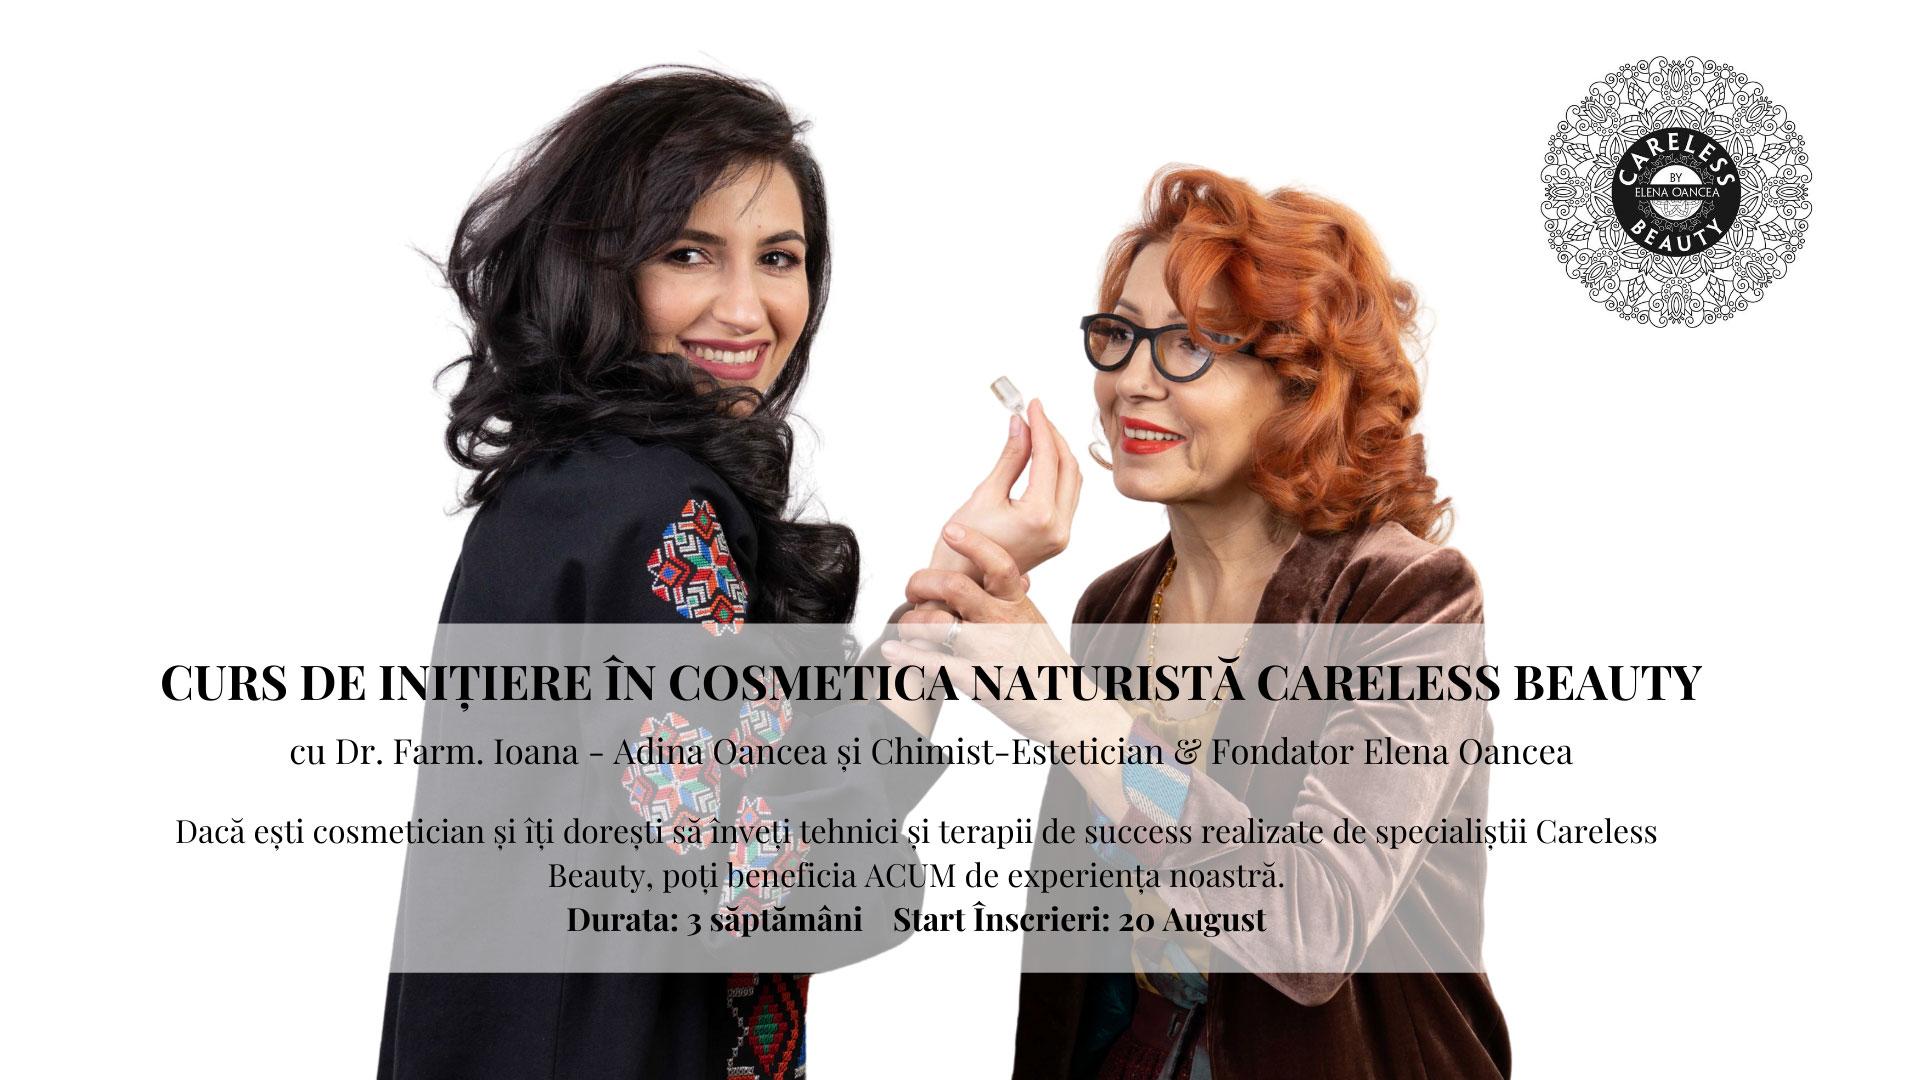 Cum să devii estetician acreditat Careless Beauty